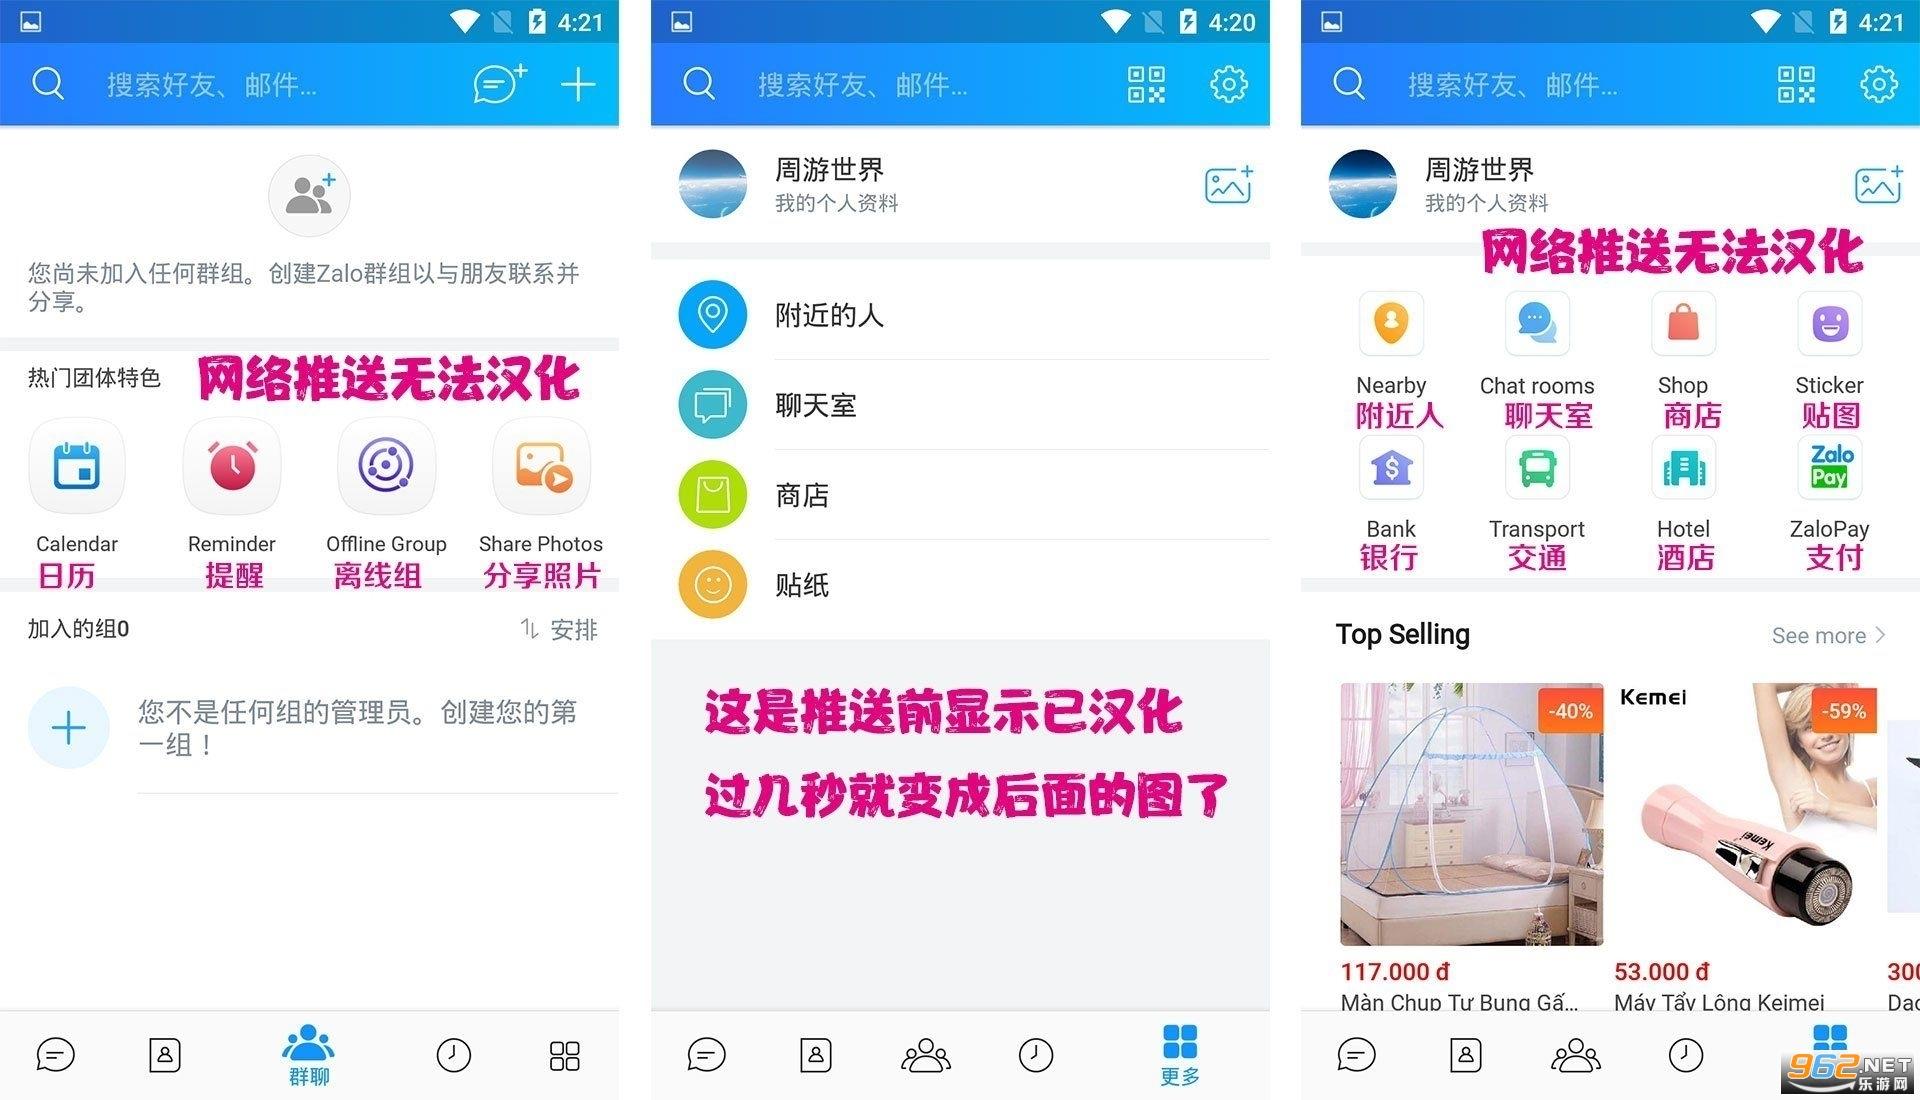 越南聊天软件zalo中文版2021截图2